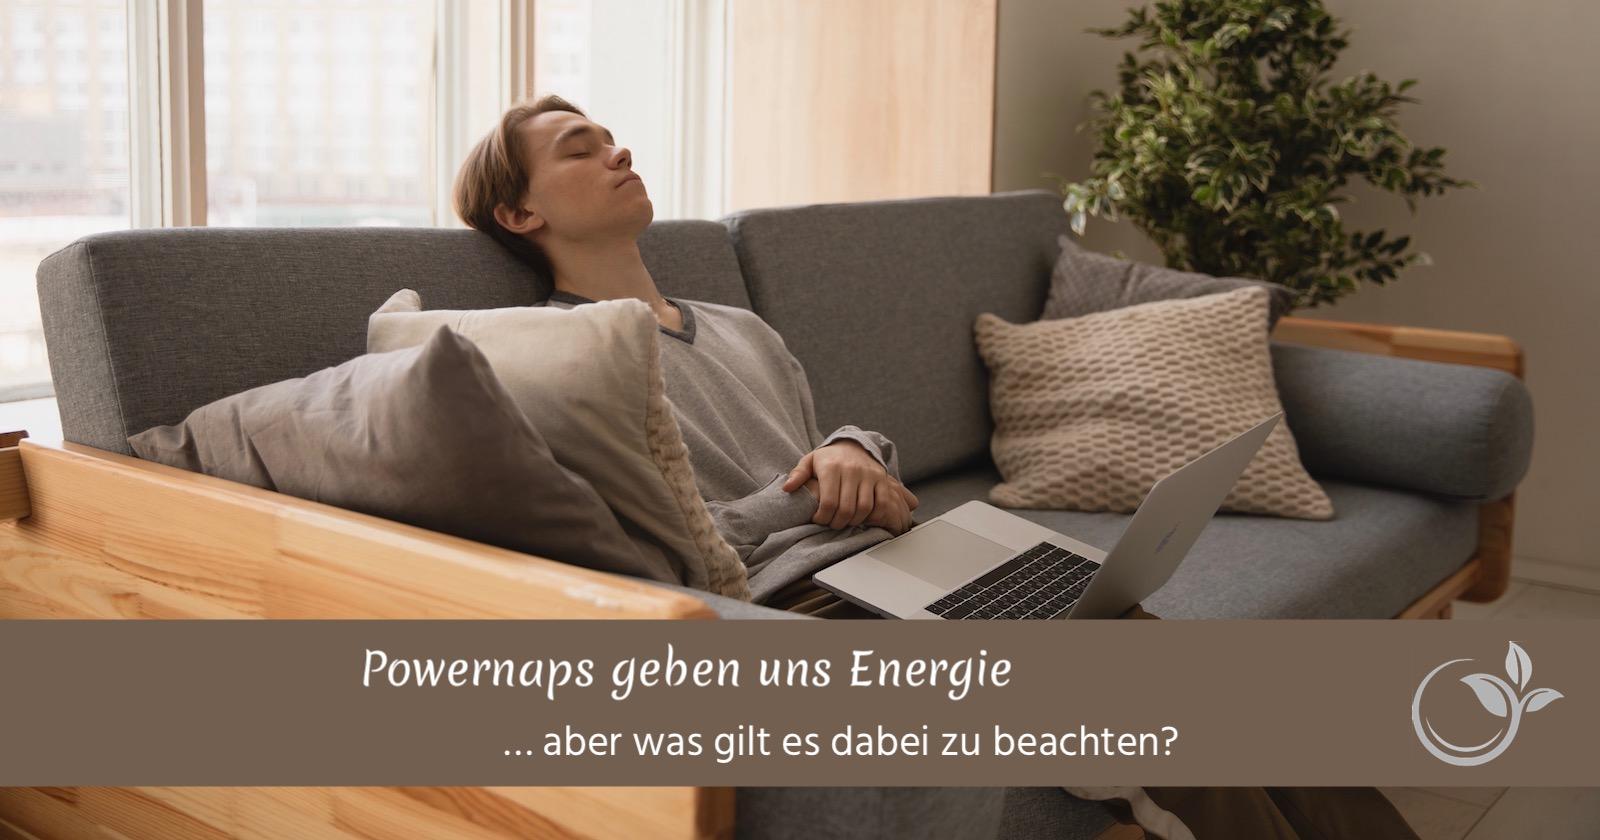 Powernaps geben uns Energie – aber was gilt es dabei zu beachten?